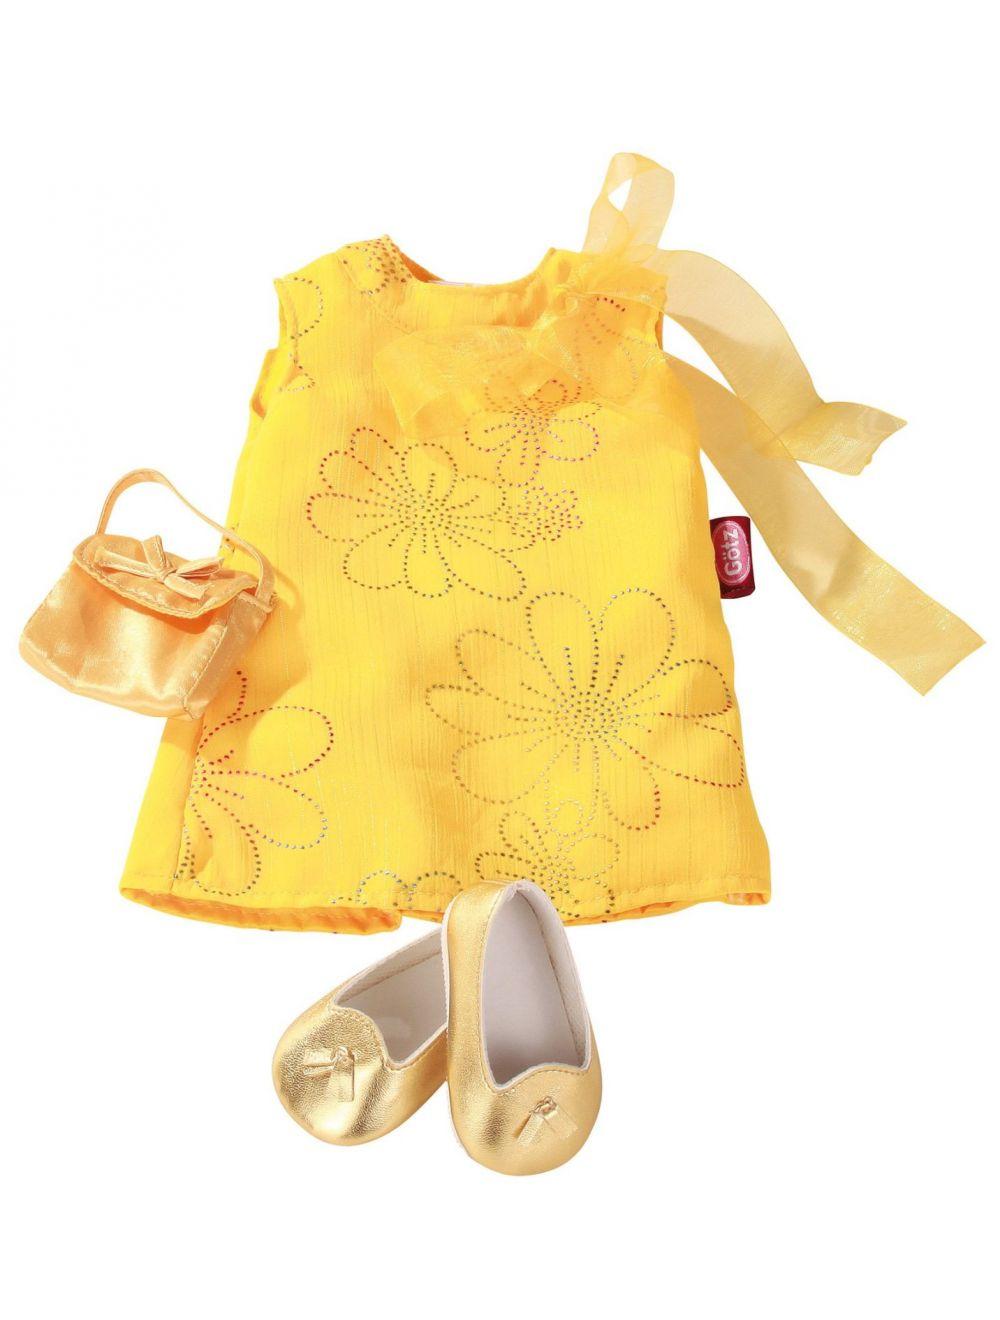 kollane kleit, kuldne kott ja kingad 45-50 cm